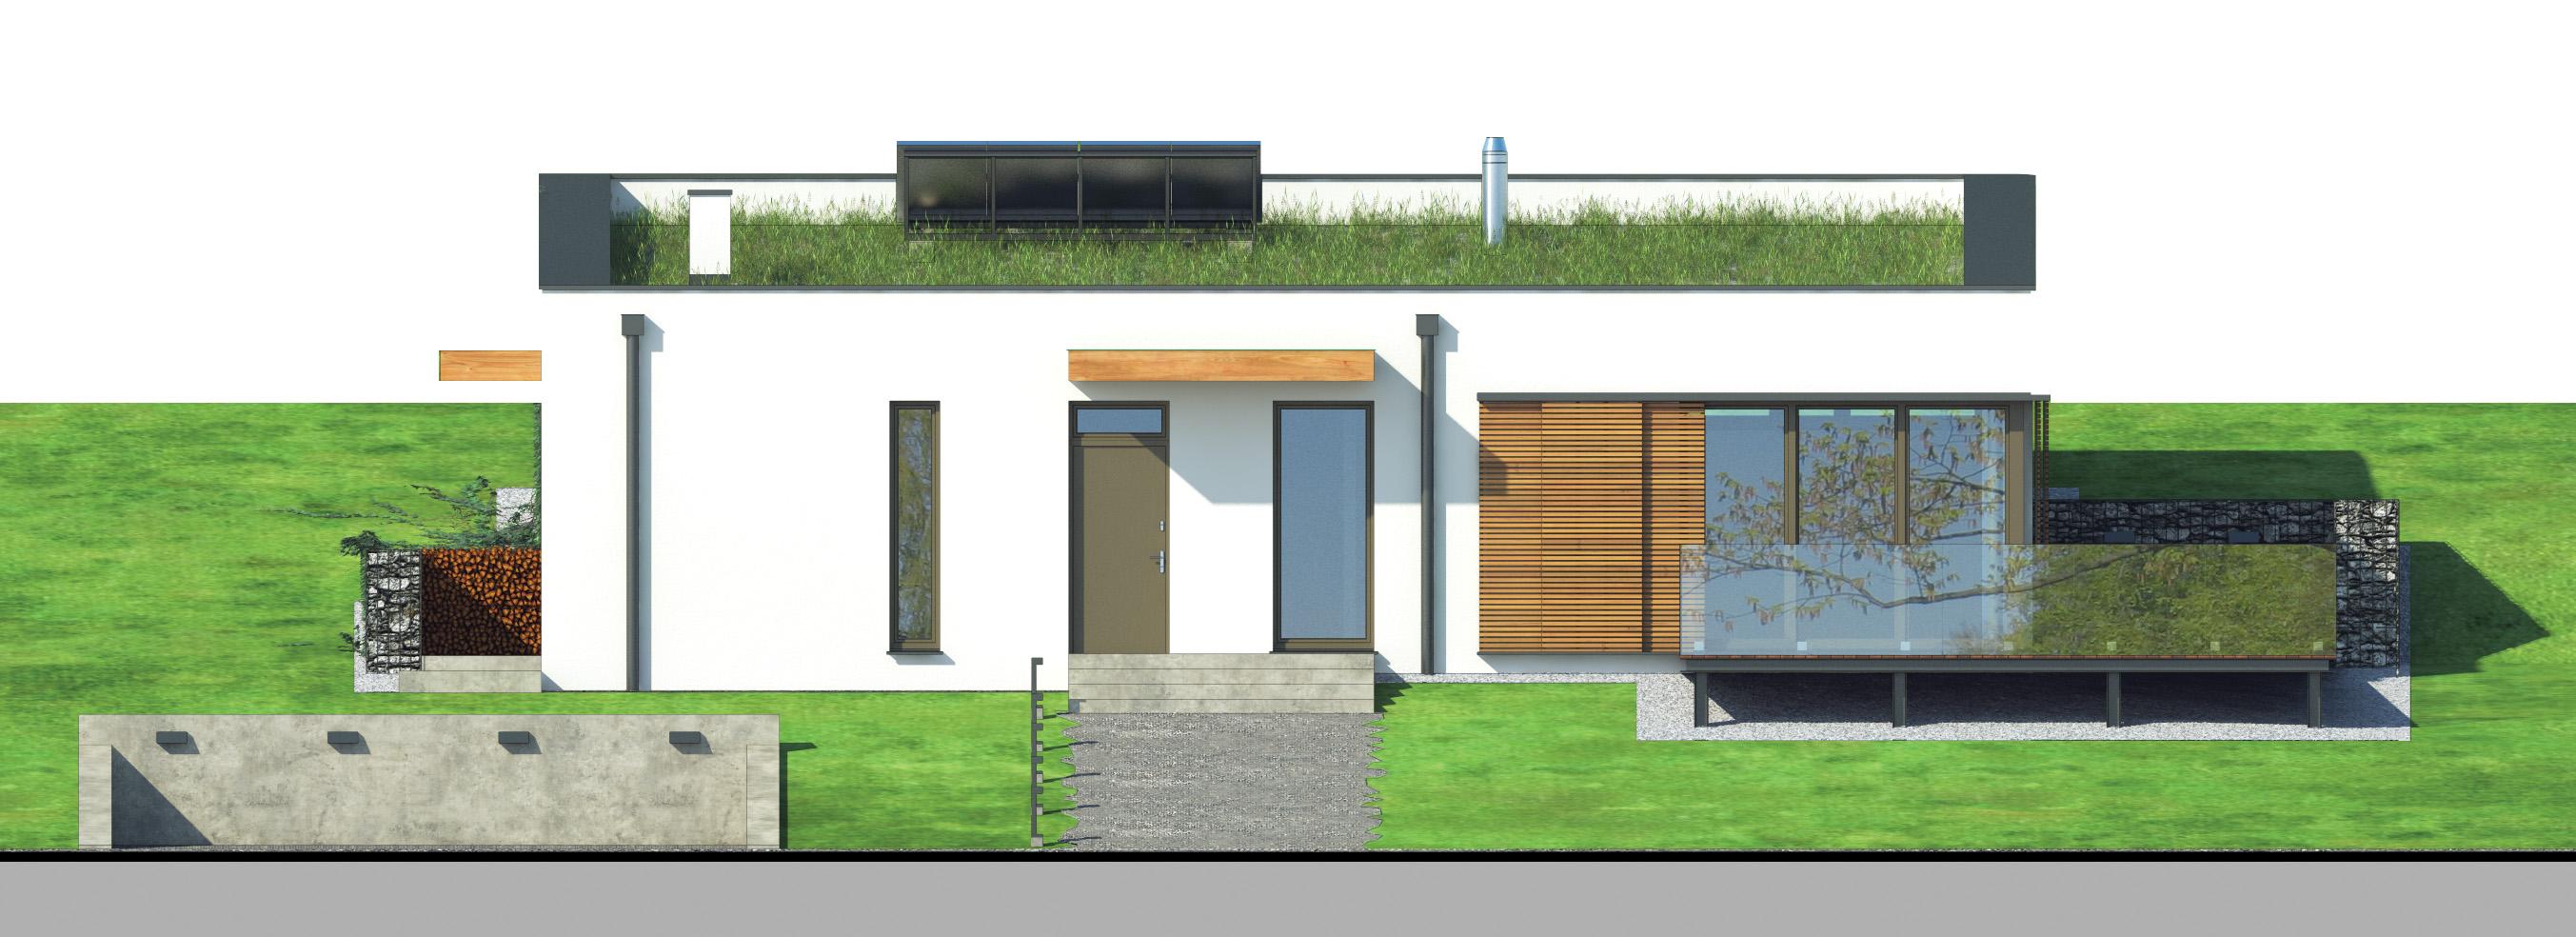 Projekt domu OTULONY Domy Czystej Energii elewacja frontowa